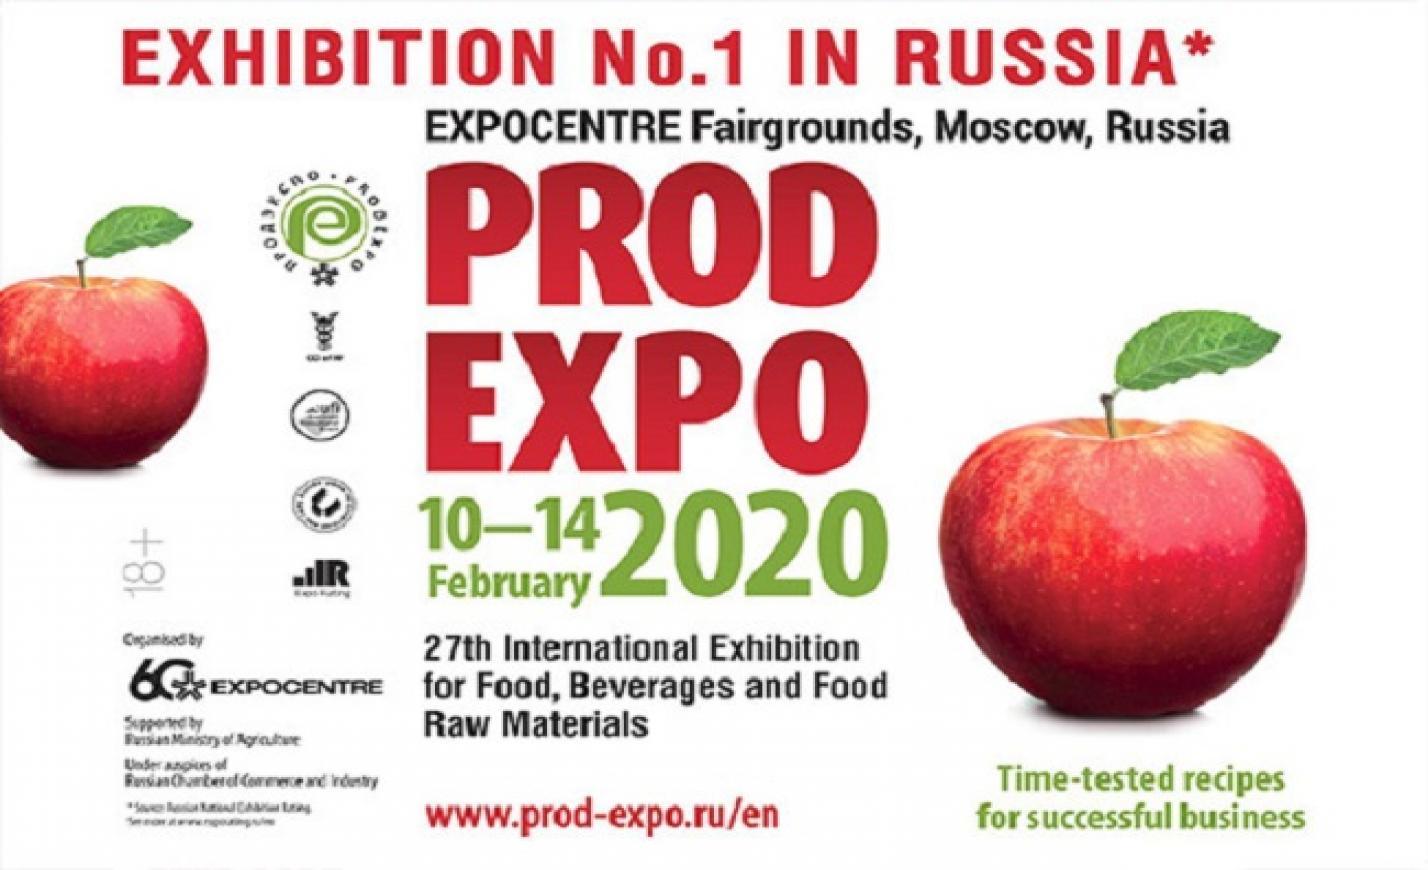 AMC: nyolc magyar élelmiszeripari cég mutatkozik be az orosz PRODEXPO kiállításon